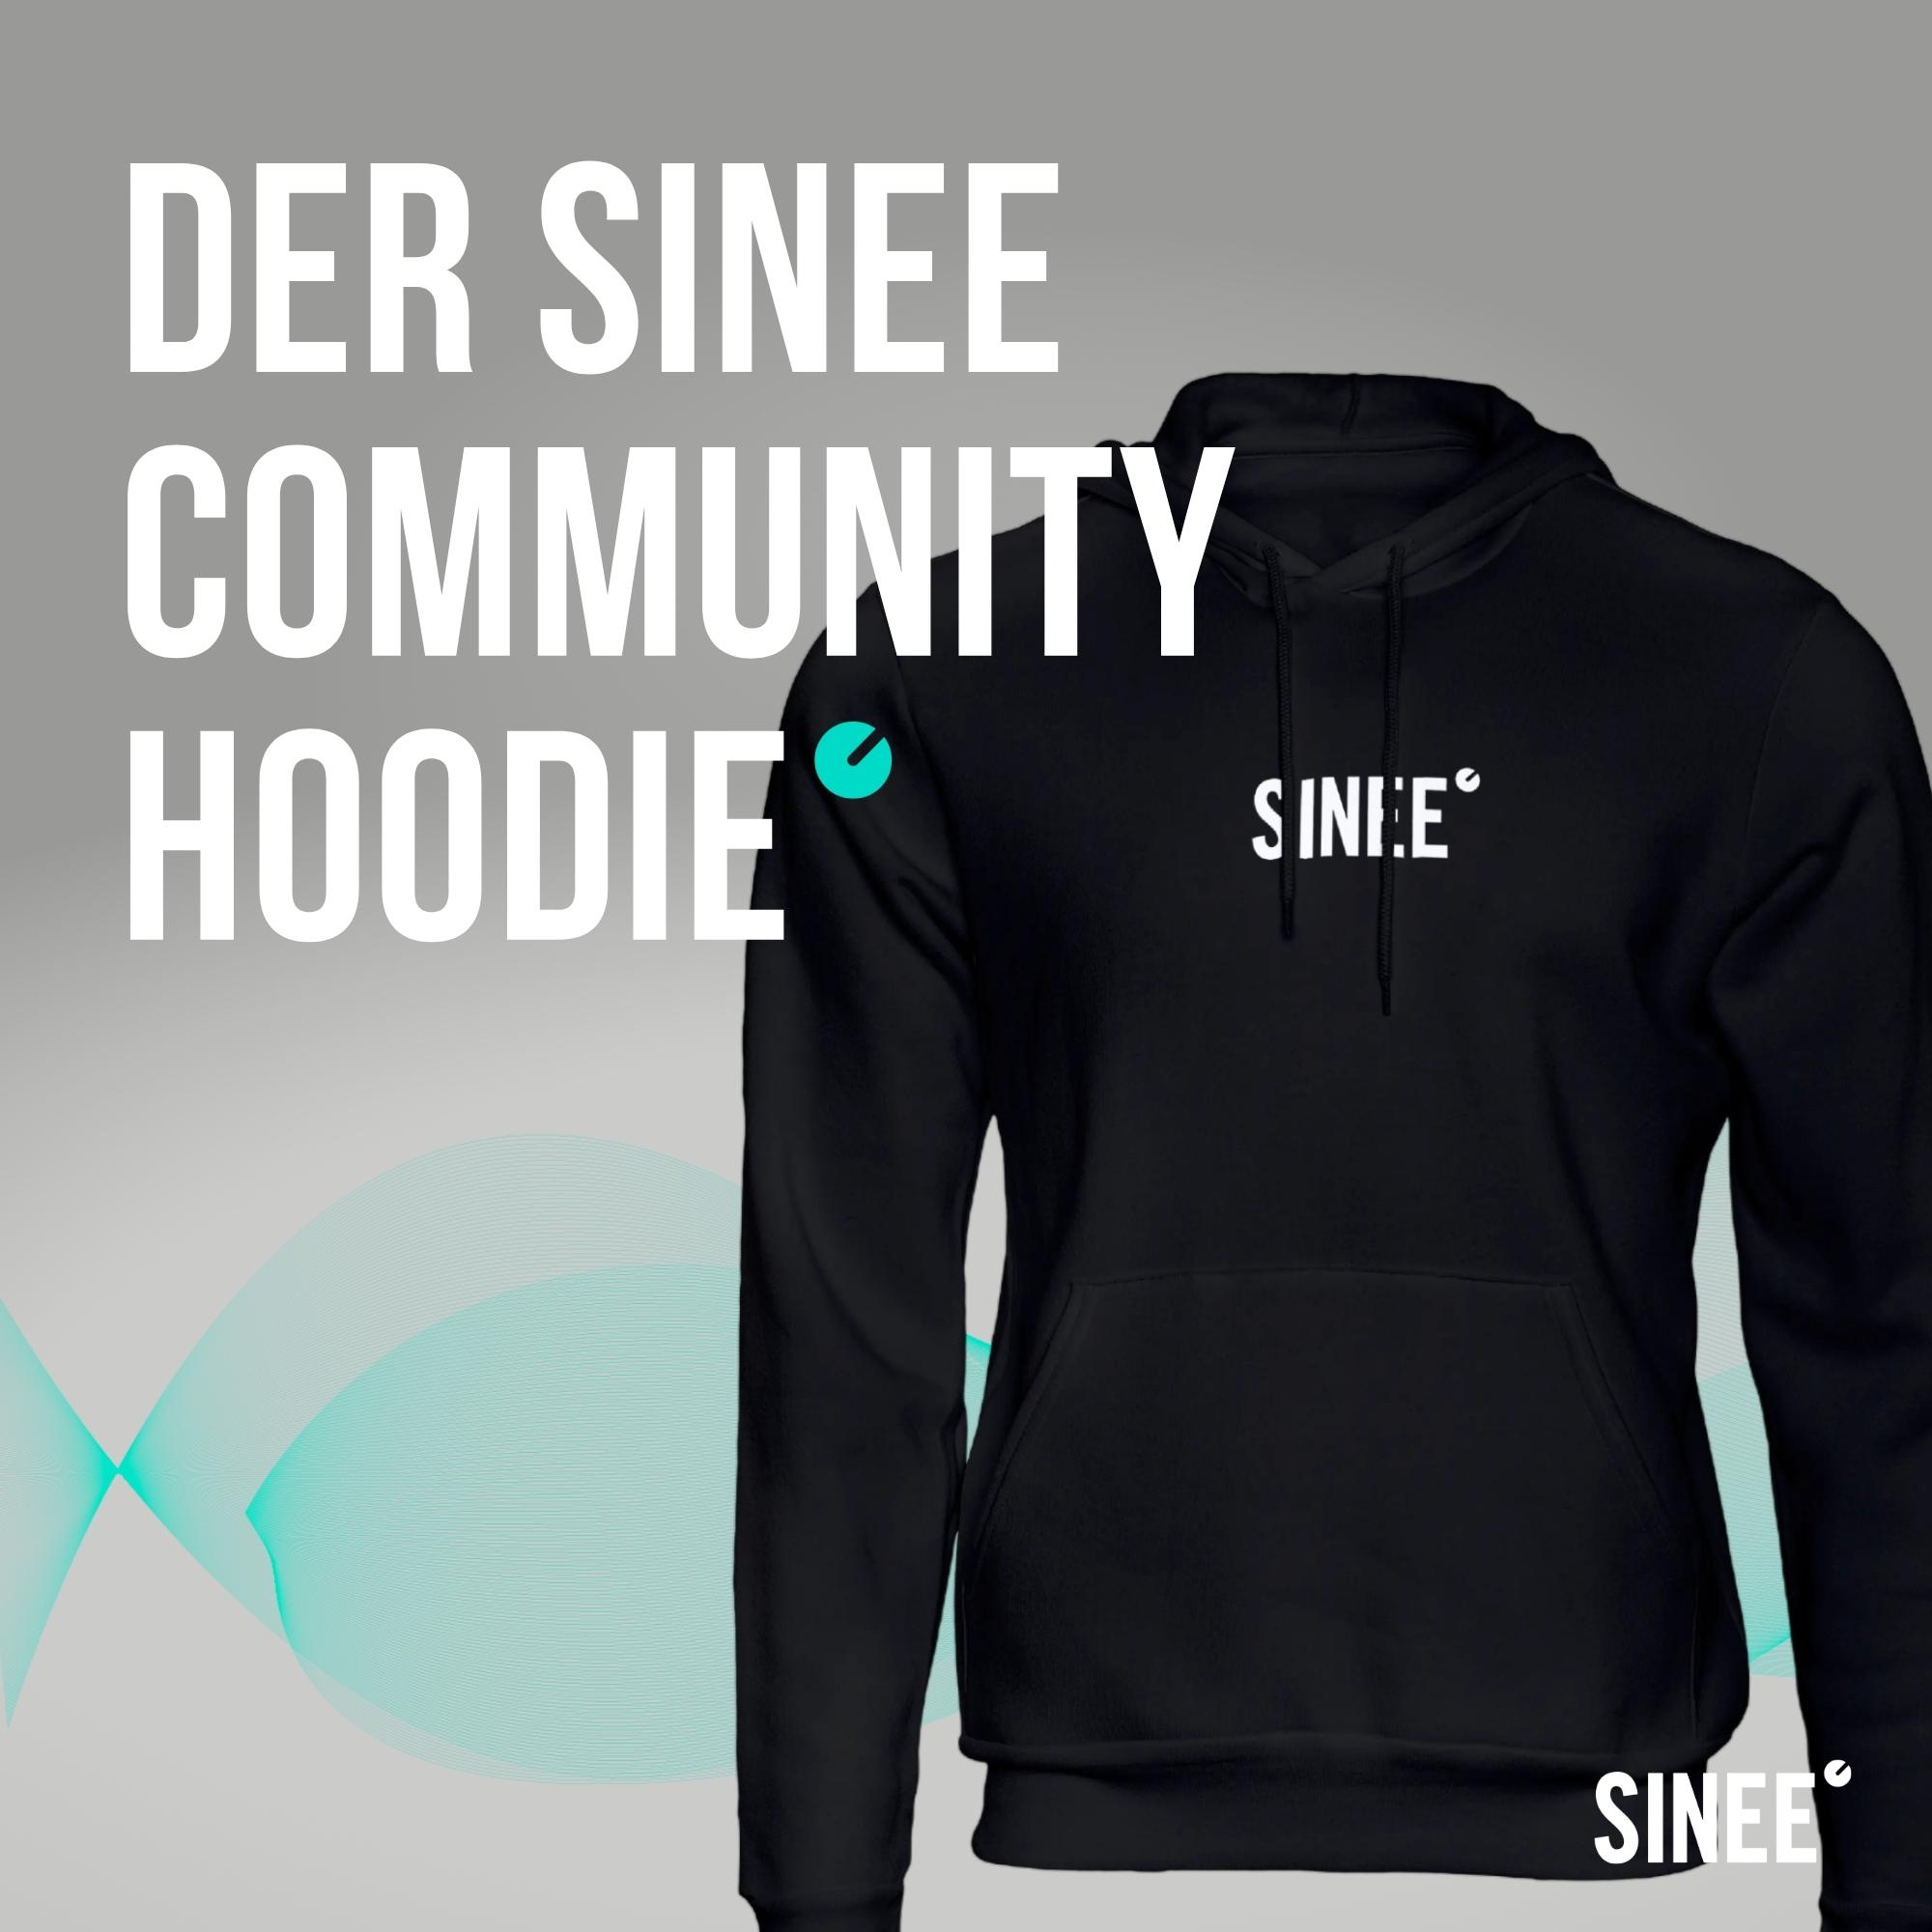 SINEE Community Hoodie – PRE ORDER